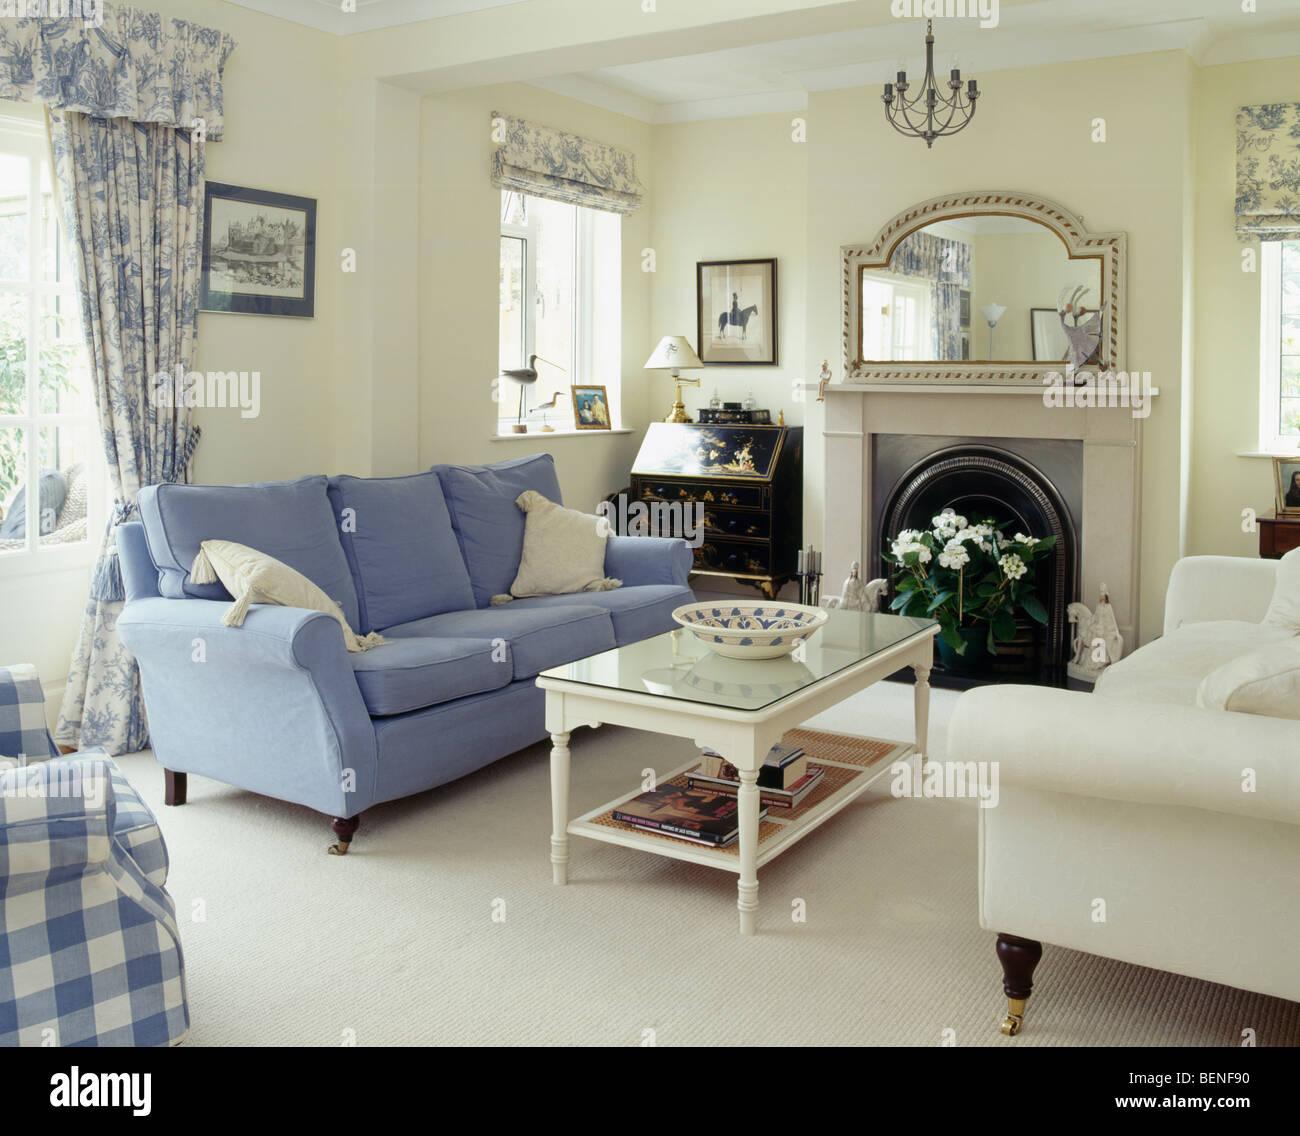 Blauen Und Cremefarbenen Sofas Auf Beiden Seiten Des Kamins In Creme Wohnzimmer Mit Sahne Teppich Weisse Glasplatte Couchtisch